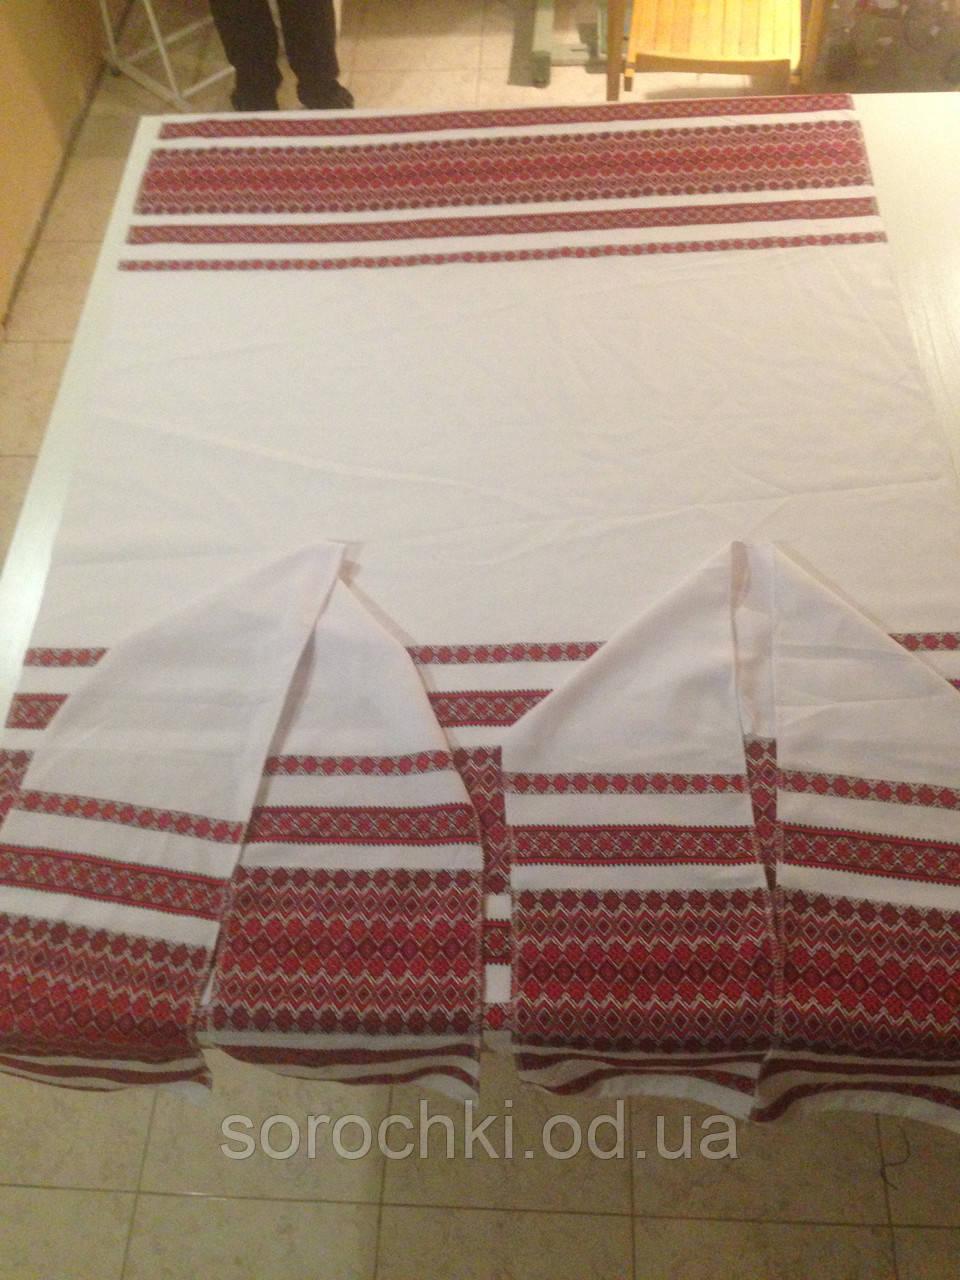 Рушники и скатерти с обережным орнаментом ,  домотканная ткань